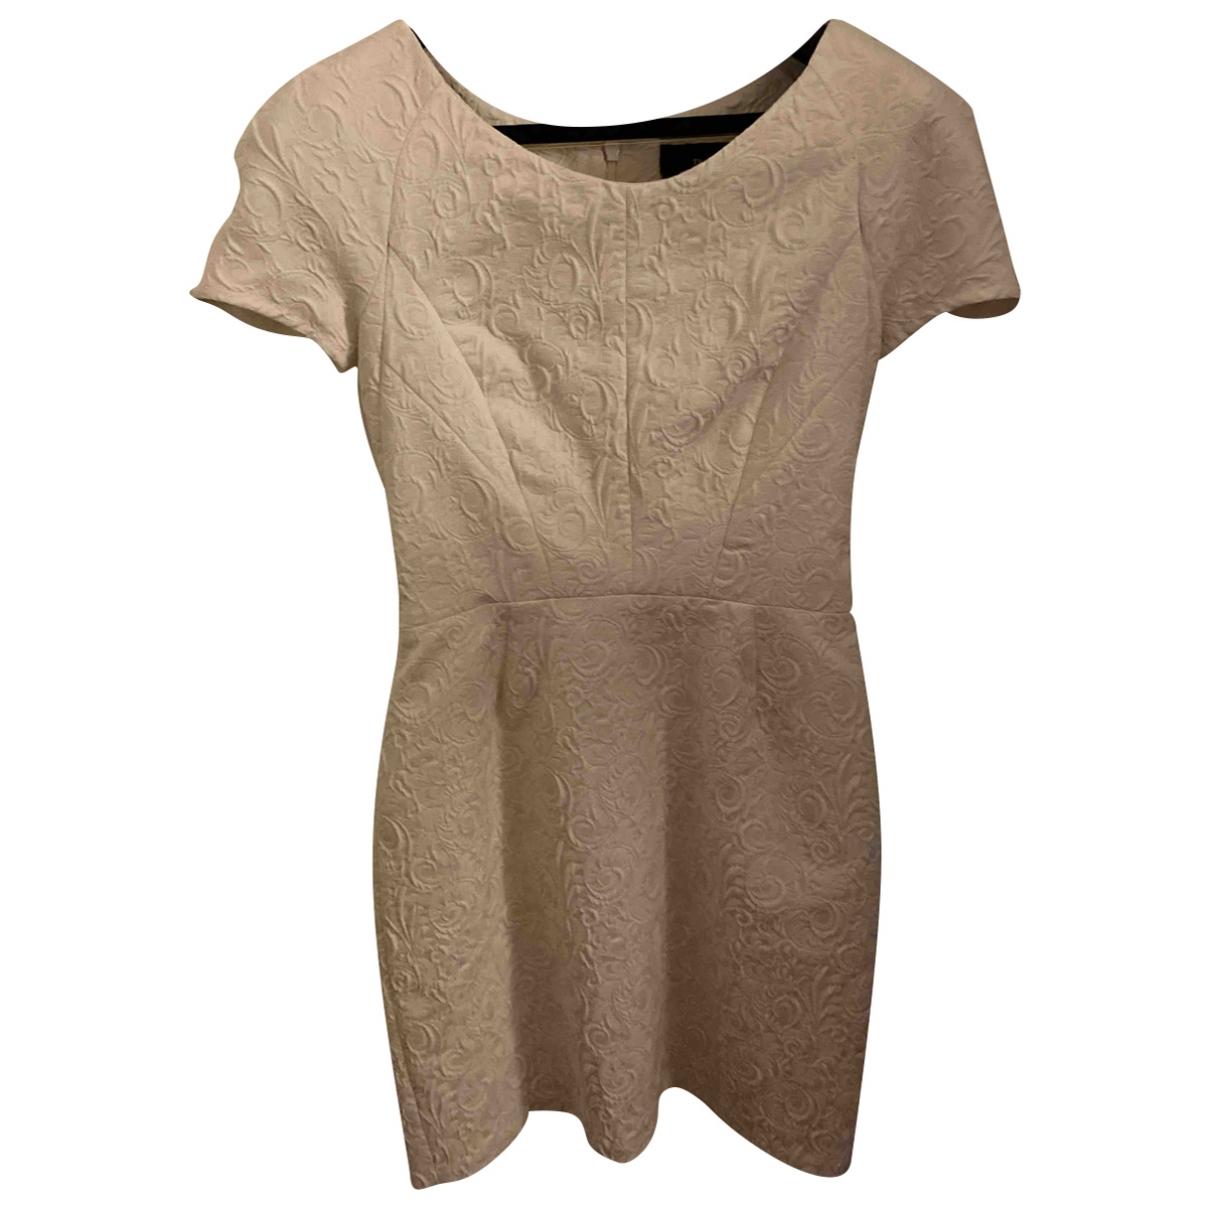 The Kooples \N White Cotton - elasthane dress for Women S International